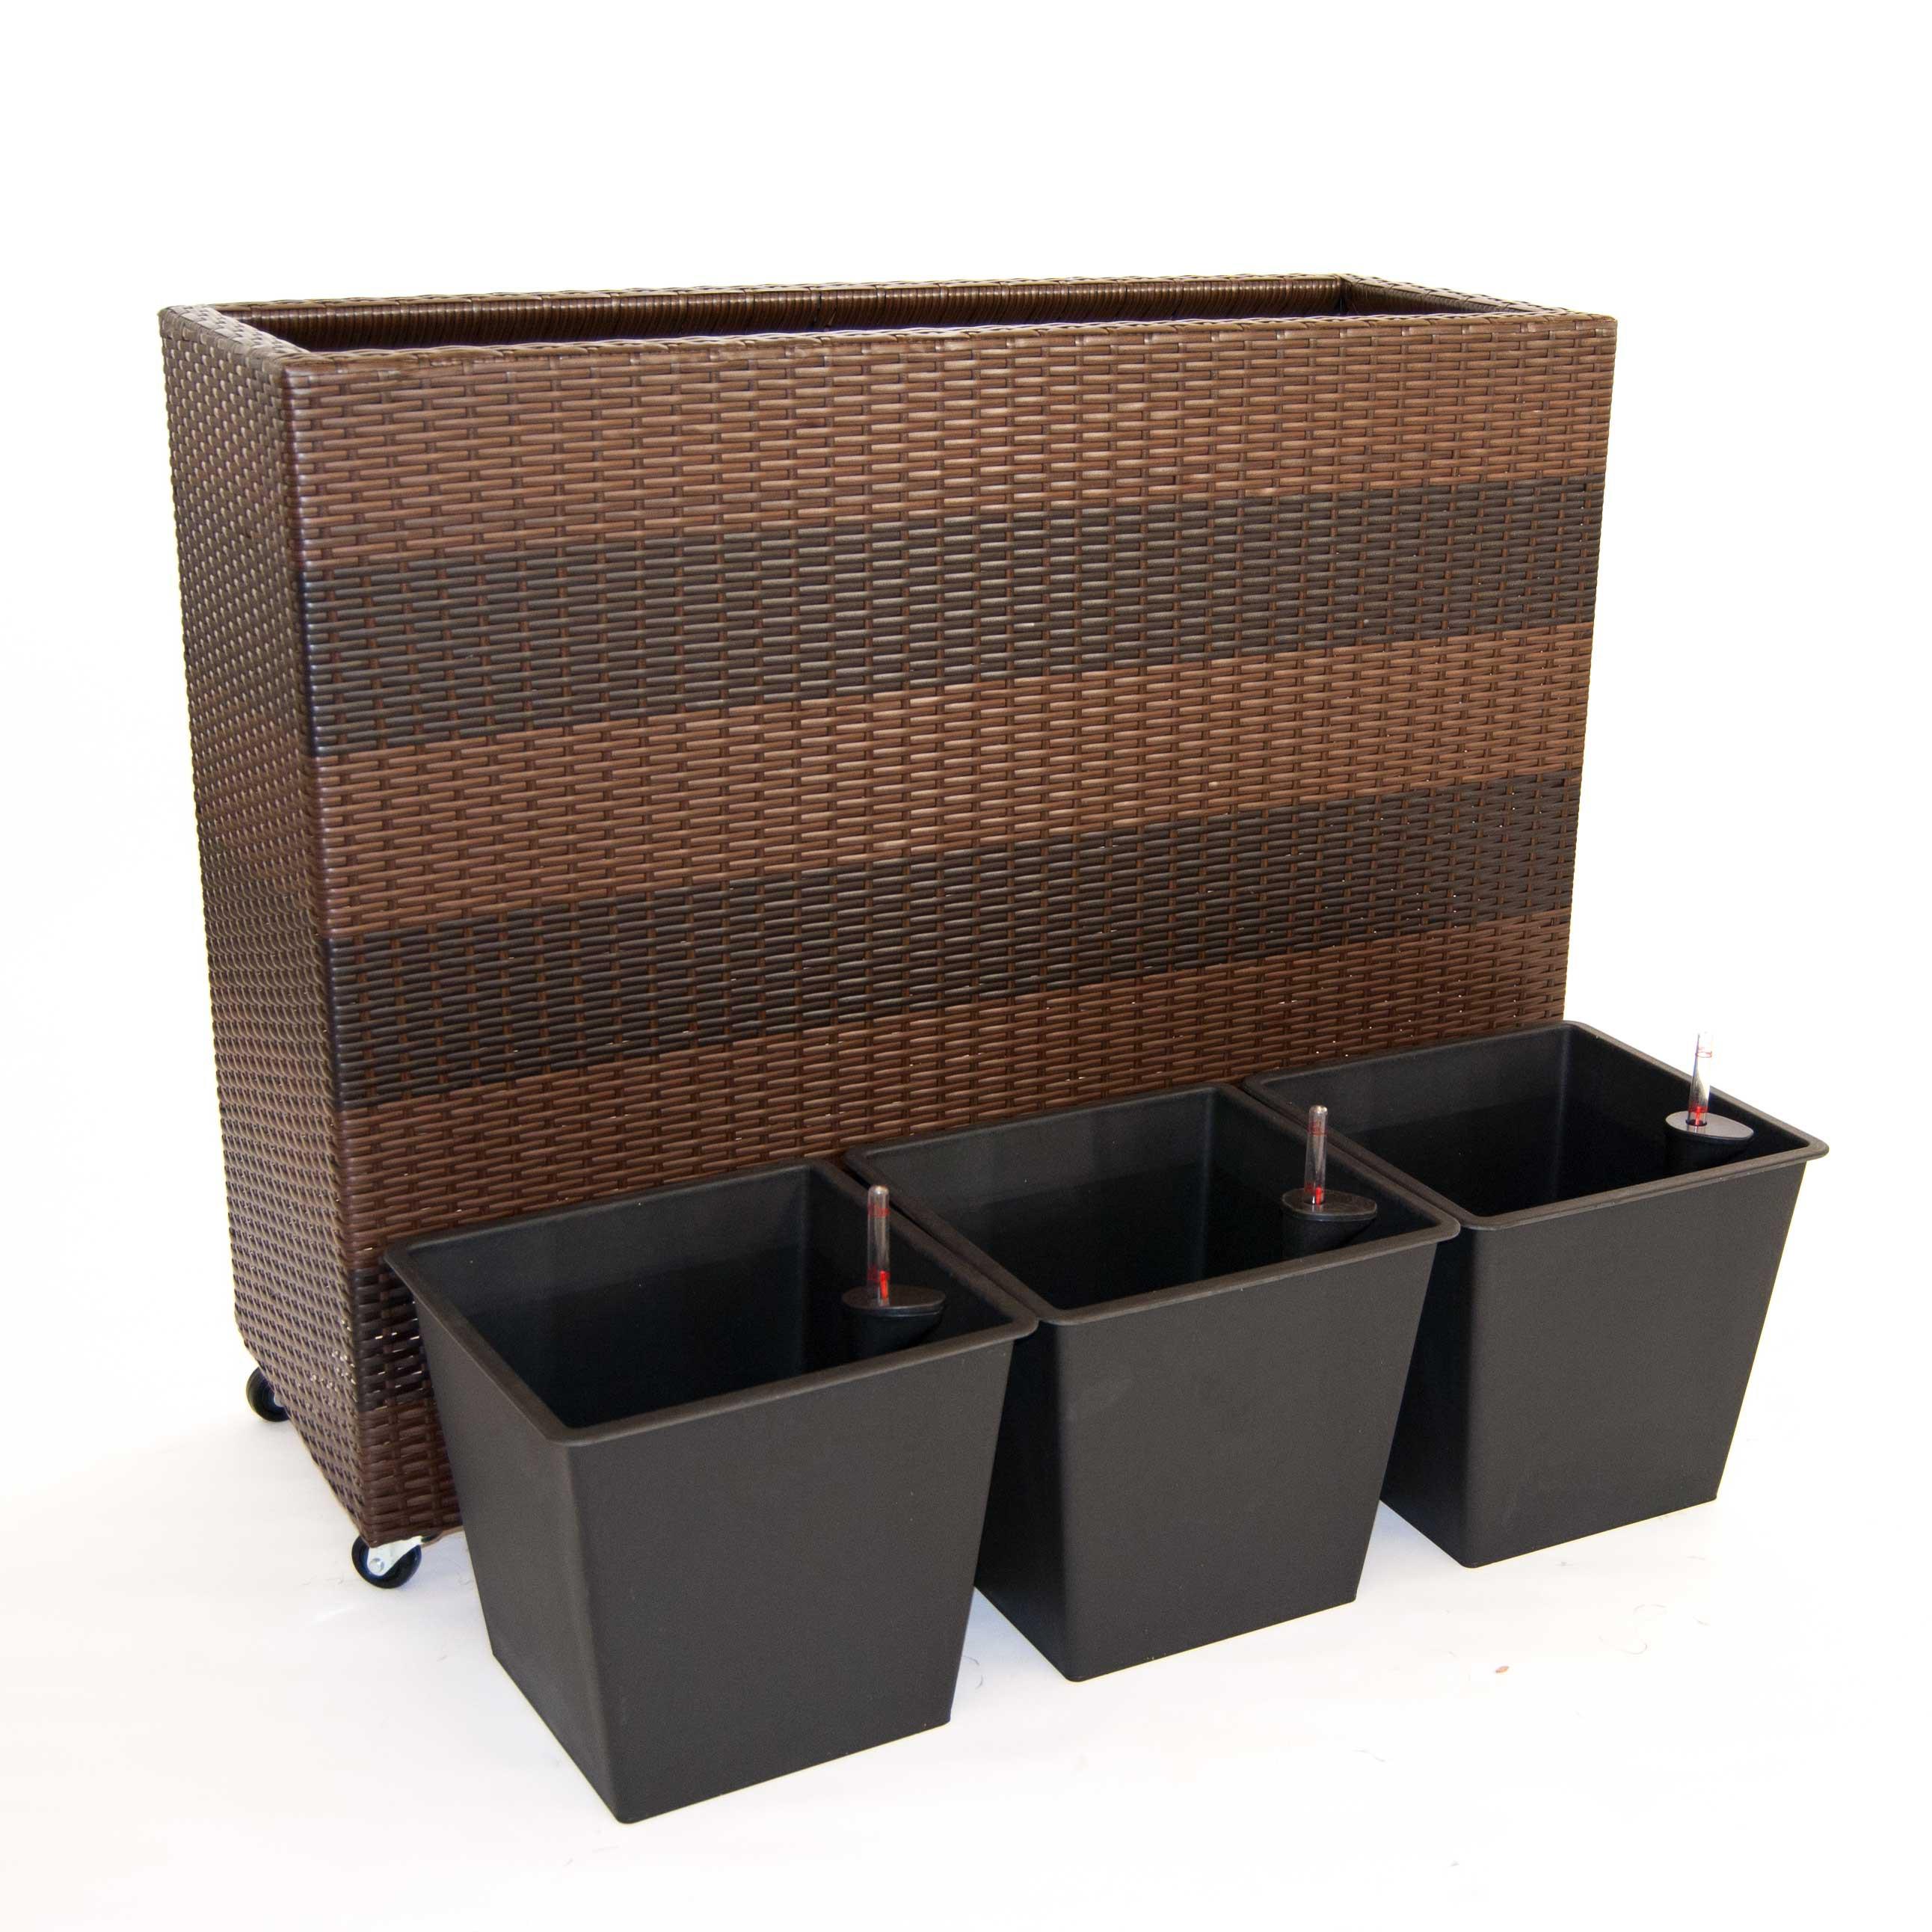 pflanzk bel pflanztrog polyrattan als raumteiler mit rollen 106x40x90cm coffee braun. Black Bedroom Furniture Sets. Home Design Ideas